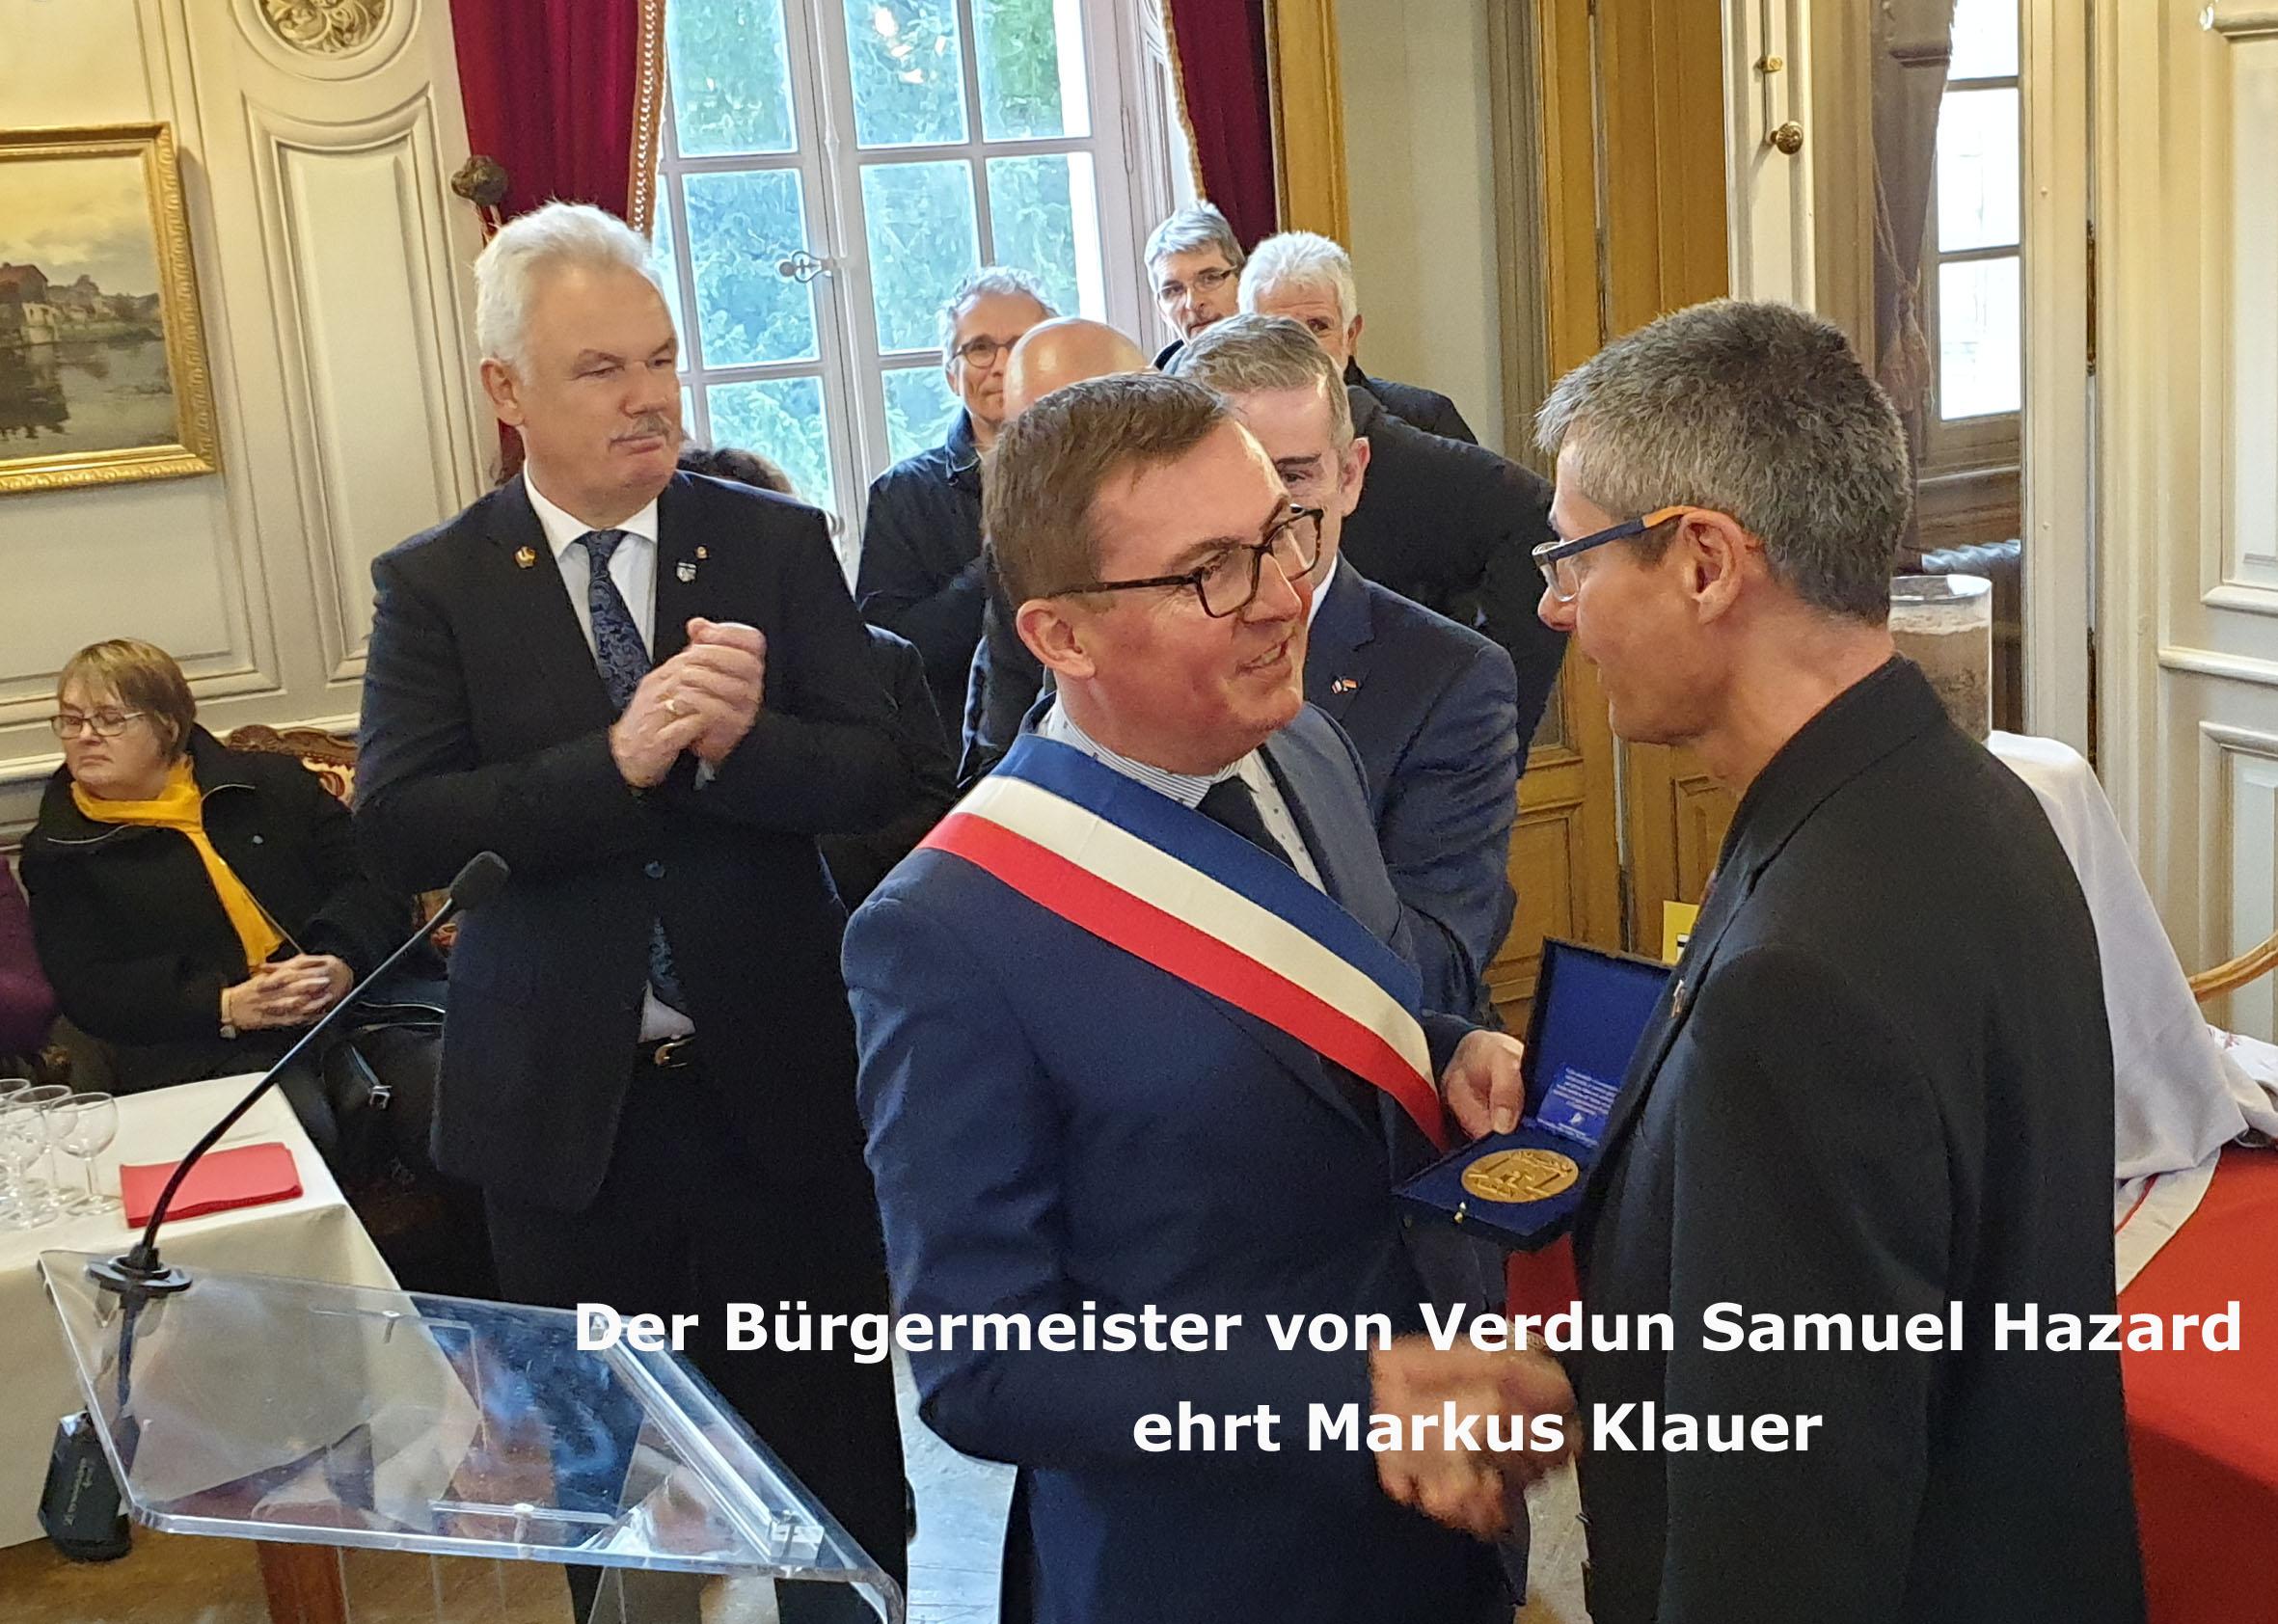 Verdun_Auszeichnung_2019_slide